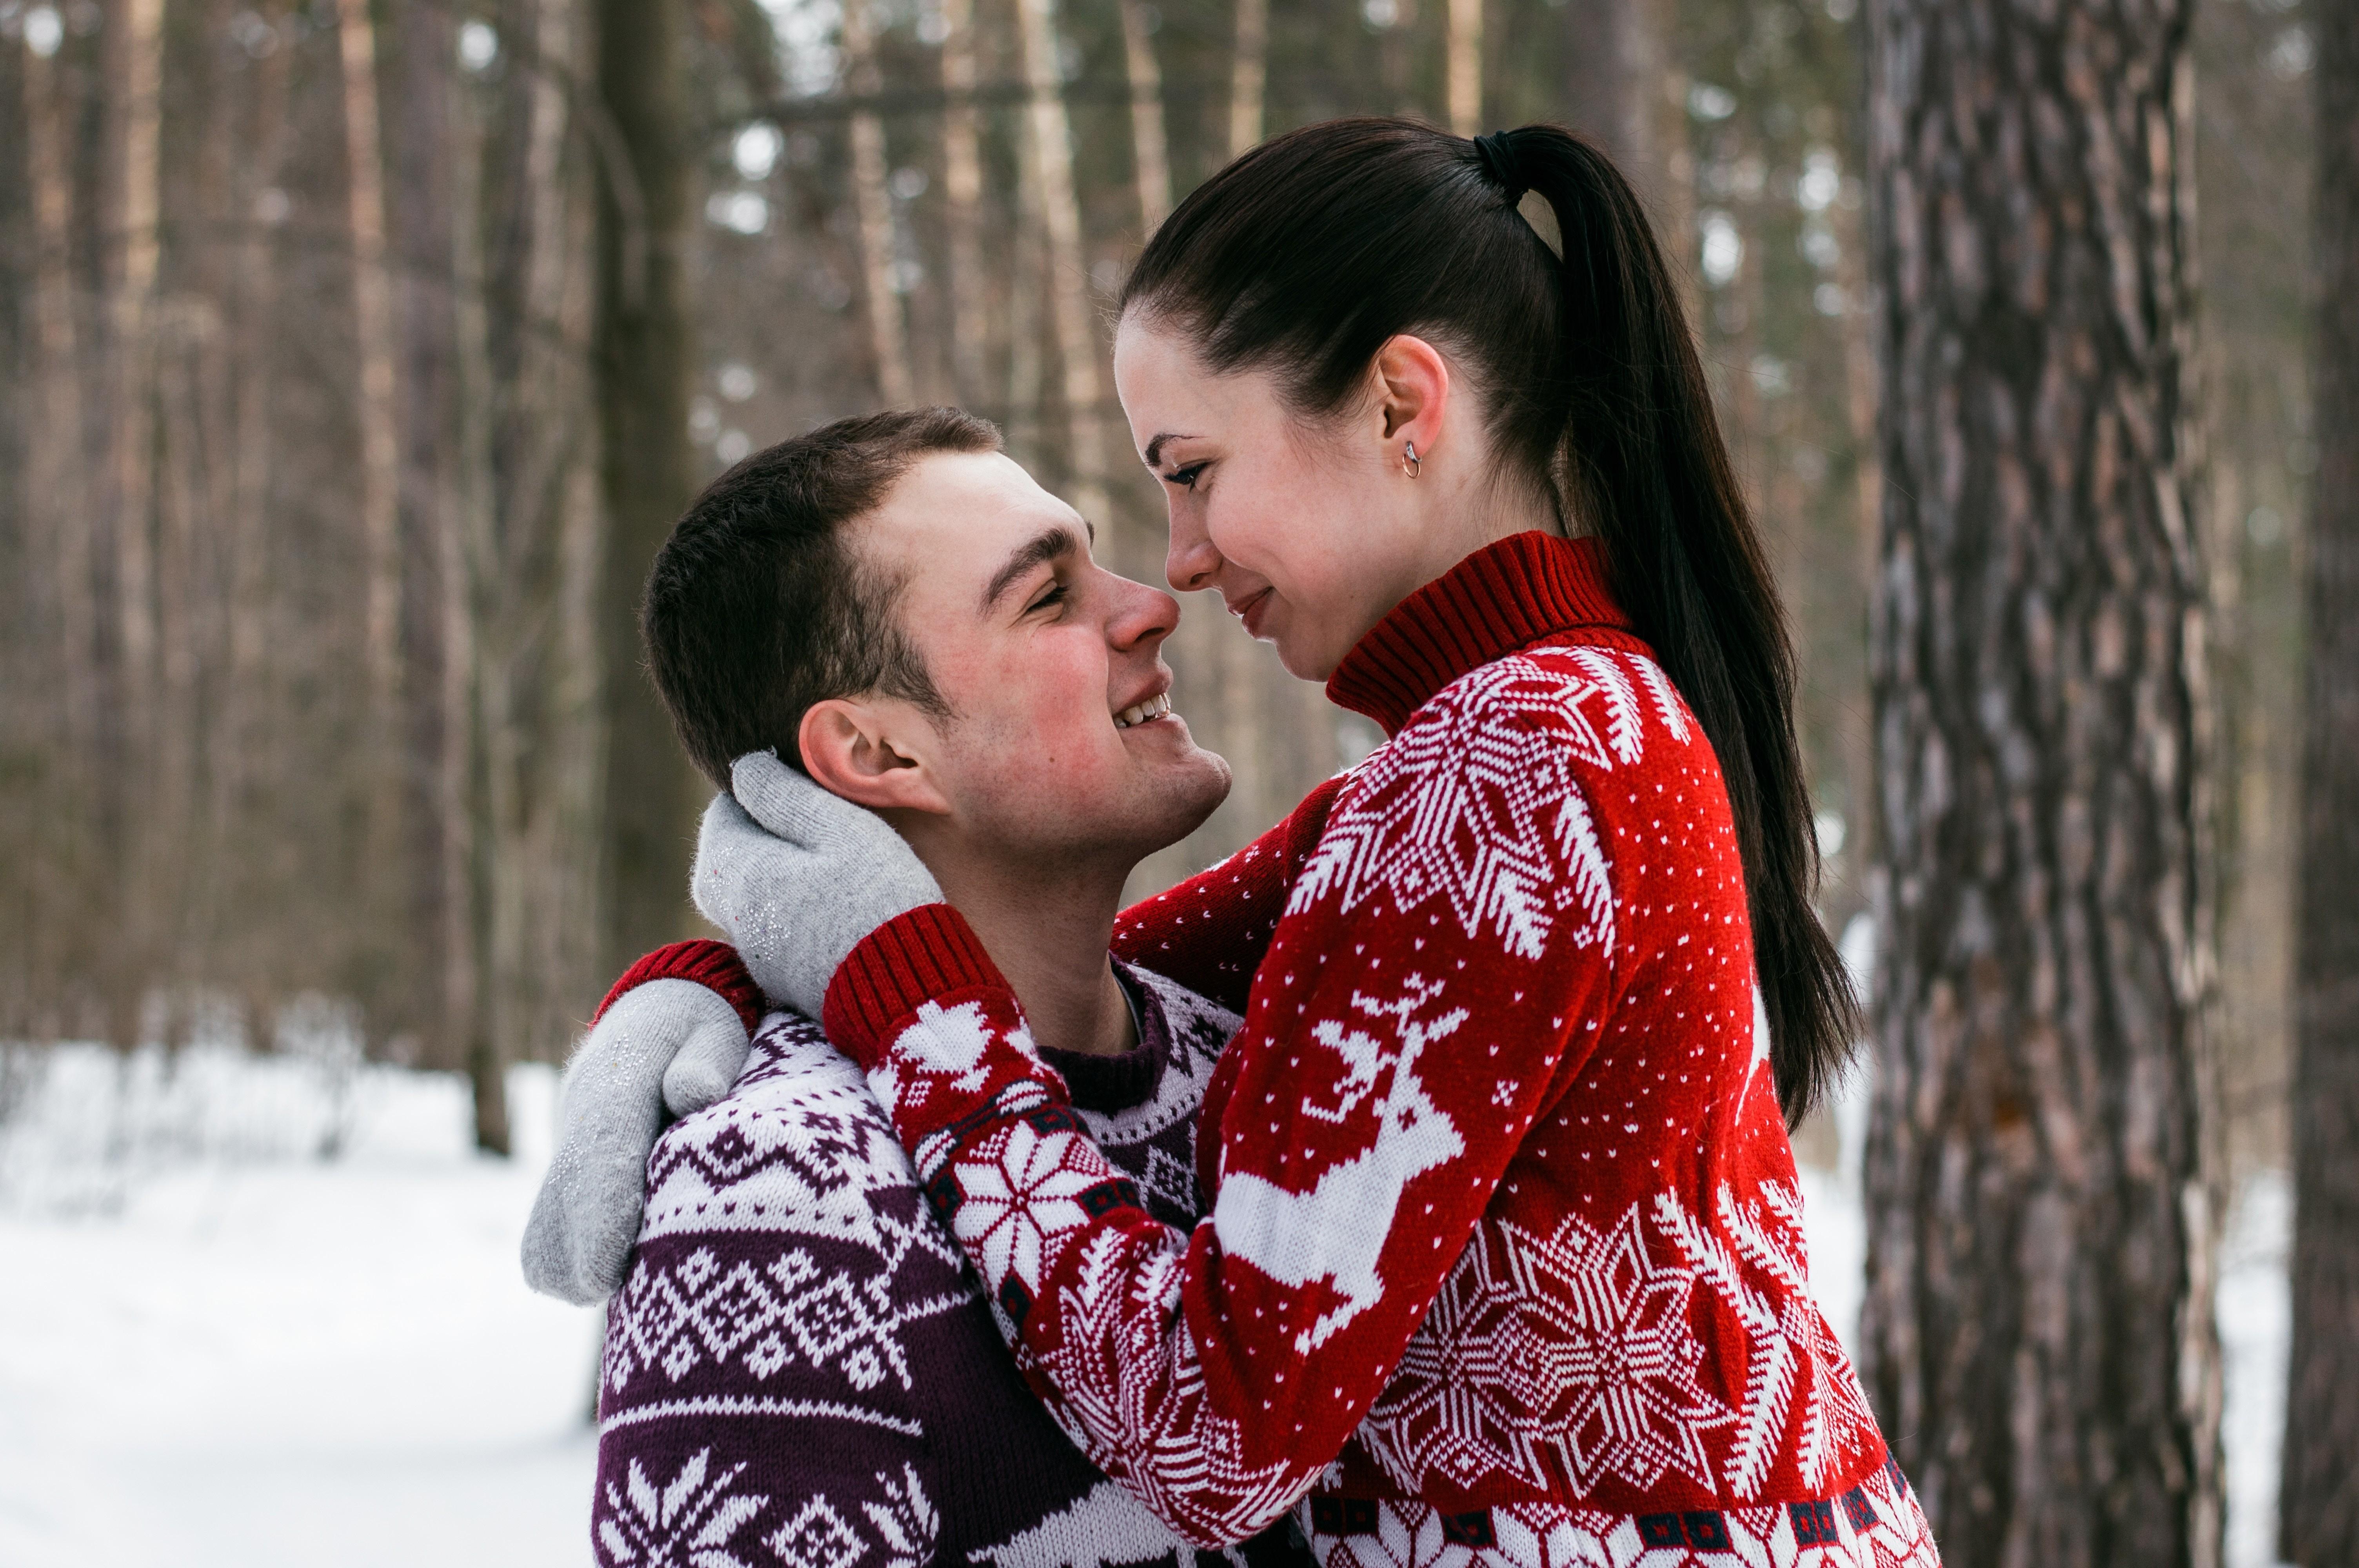 Психологи выяснили, как правильно ругаться и при этом сохранить брак и здоровье